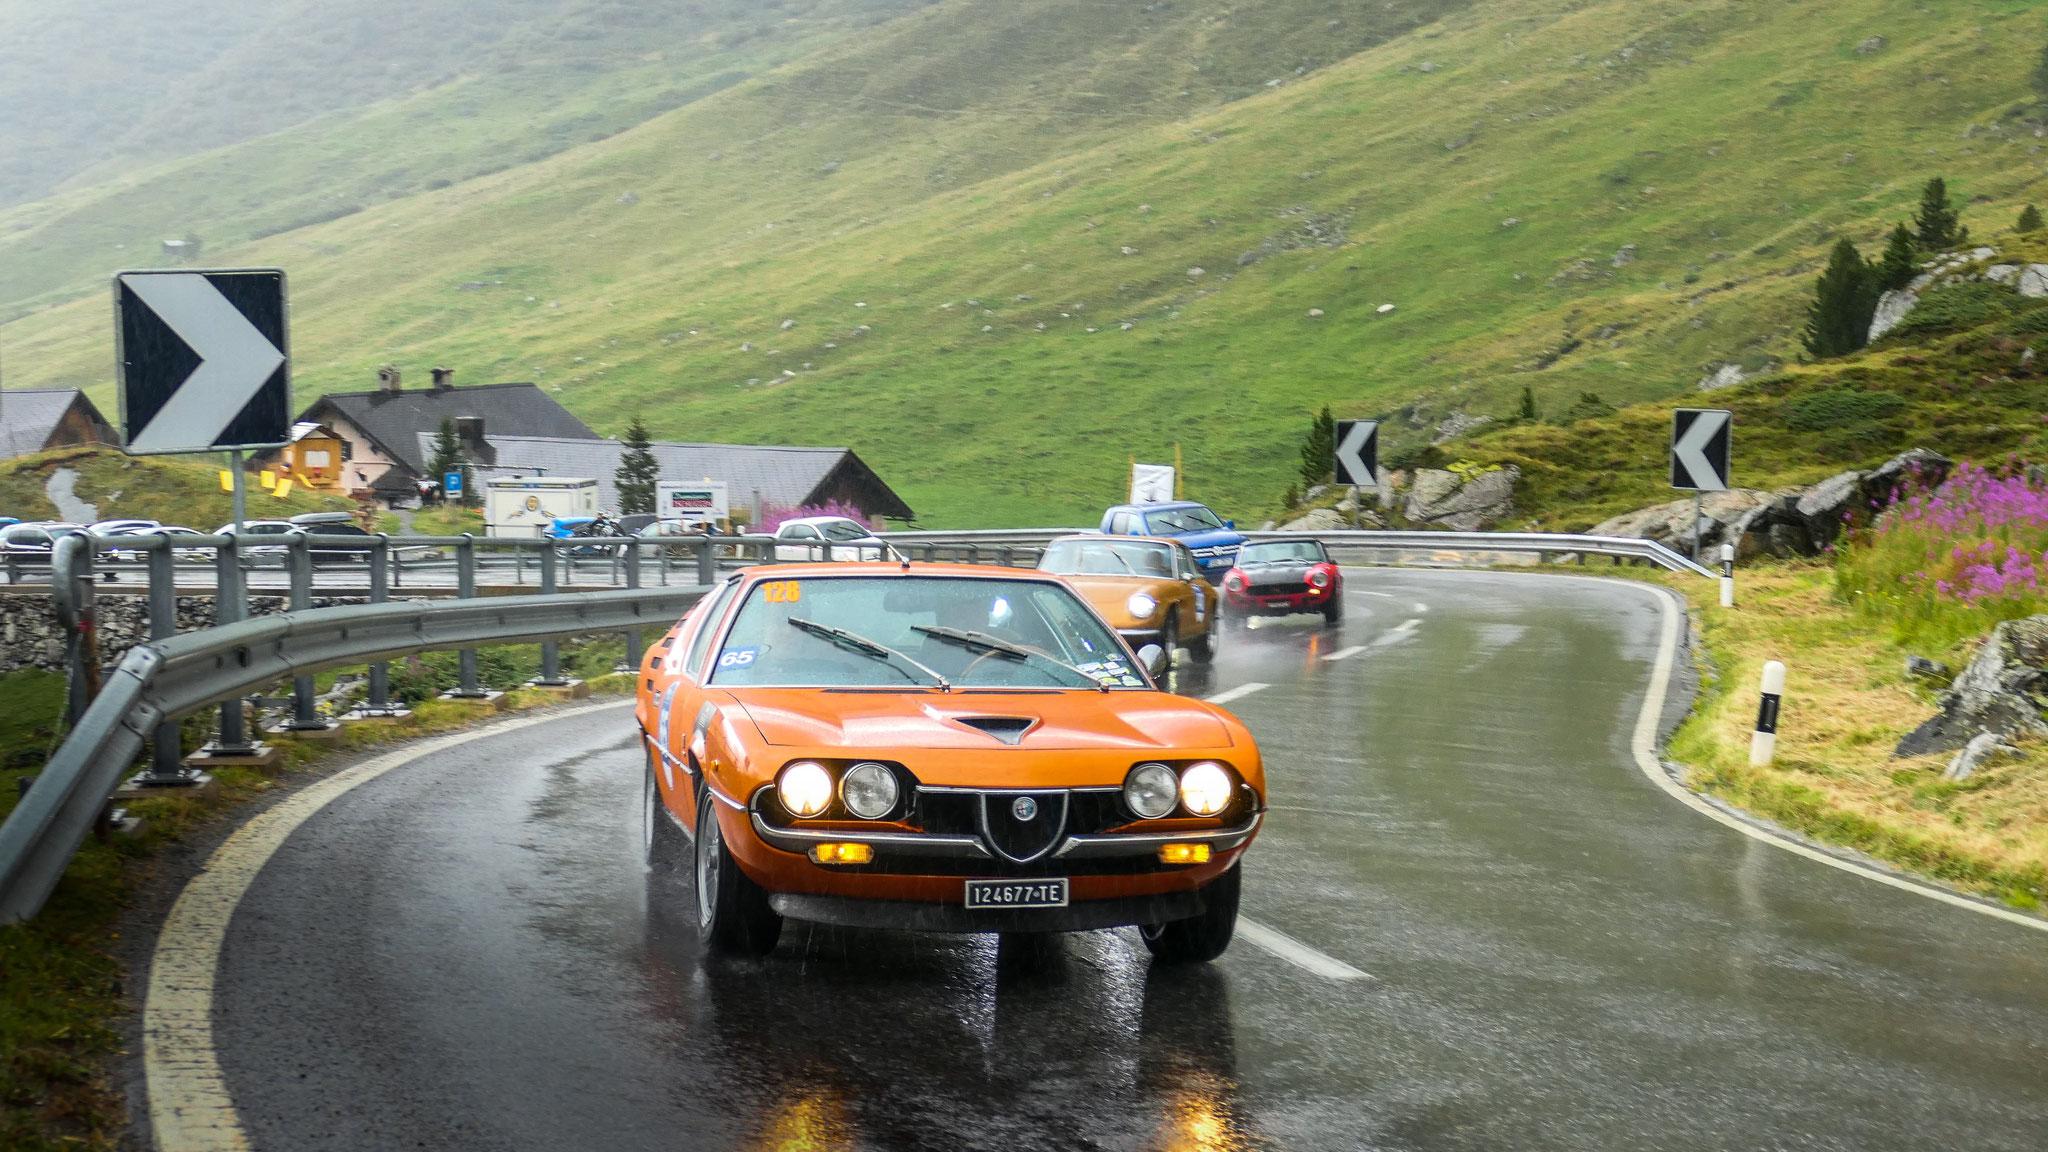 Alfa Romeo Montreal Bertone - 124677-TE (ITA)